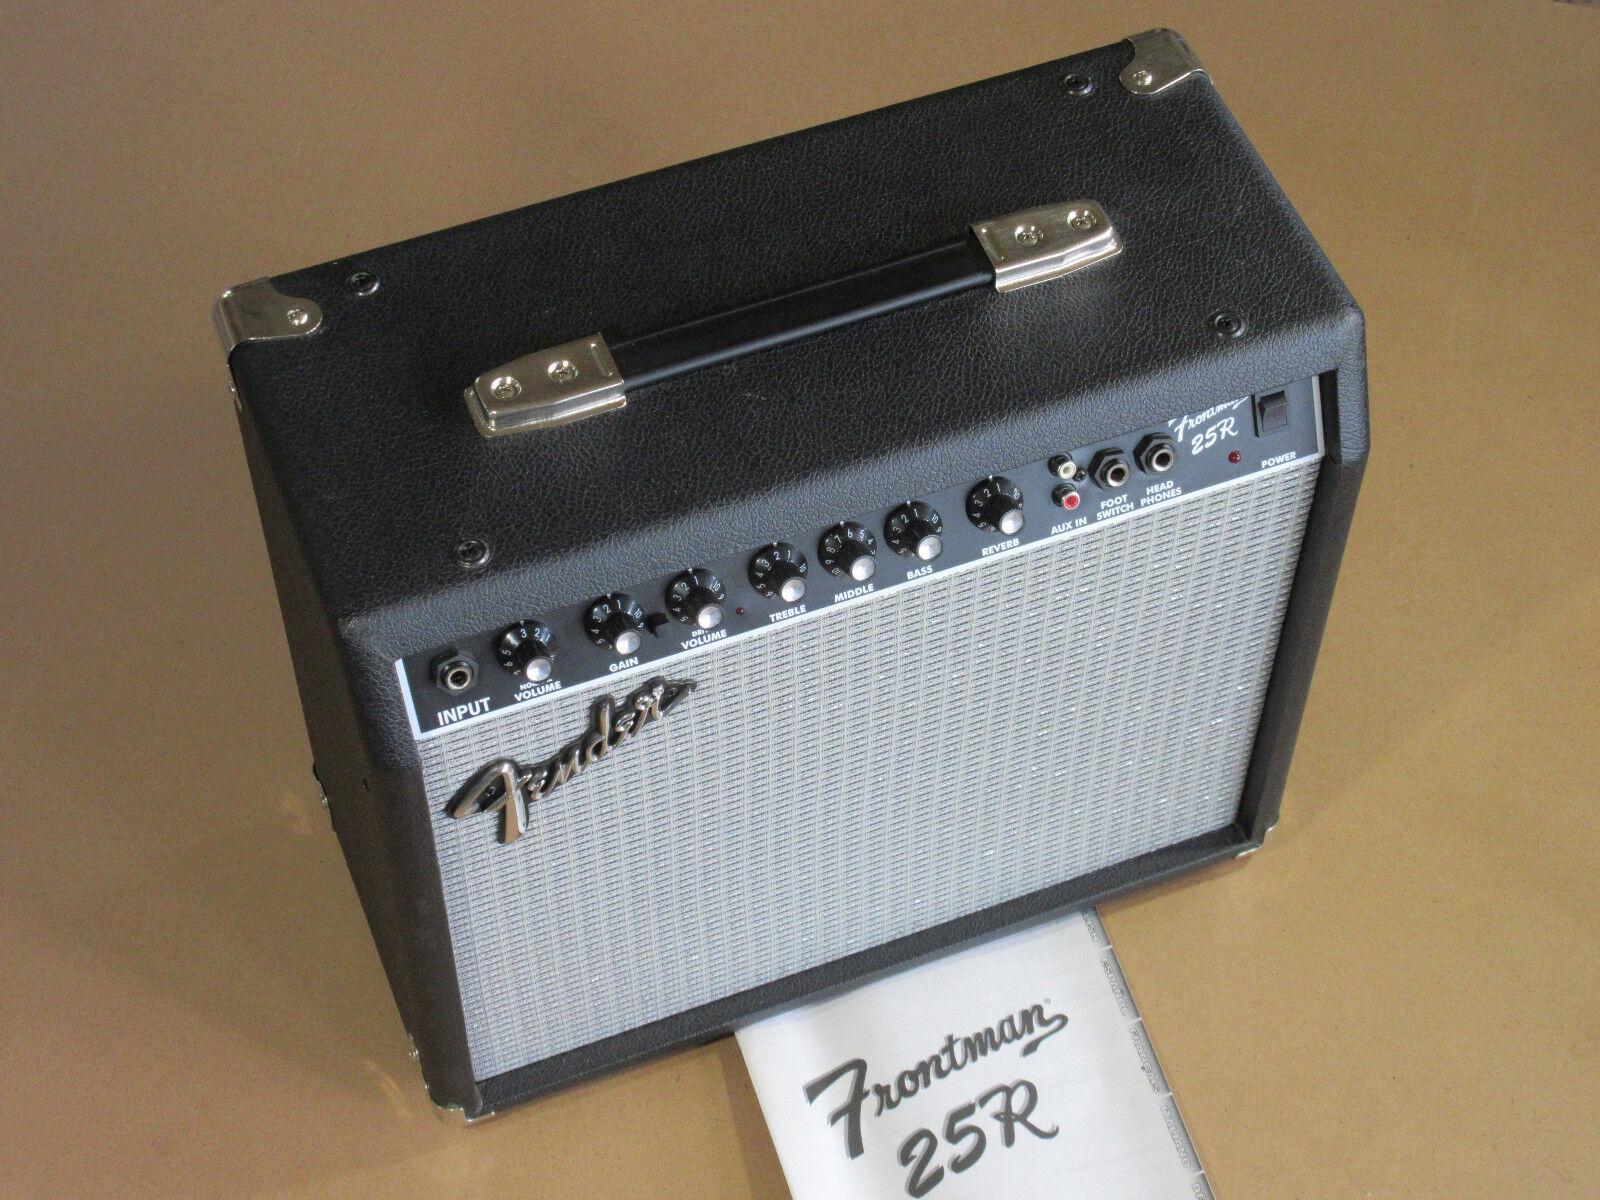 Fender Frontman Frontman Frontman 25R Amplificador,  Excelente Estado  c3cc77